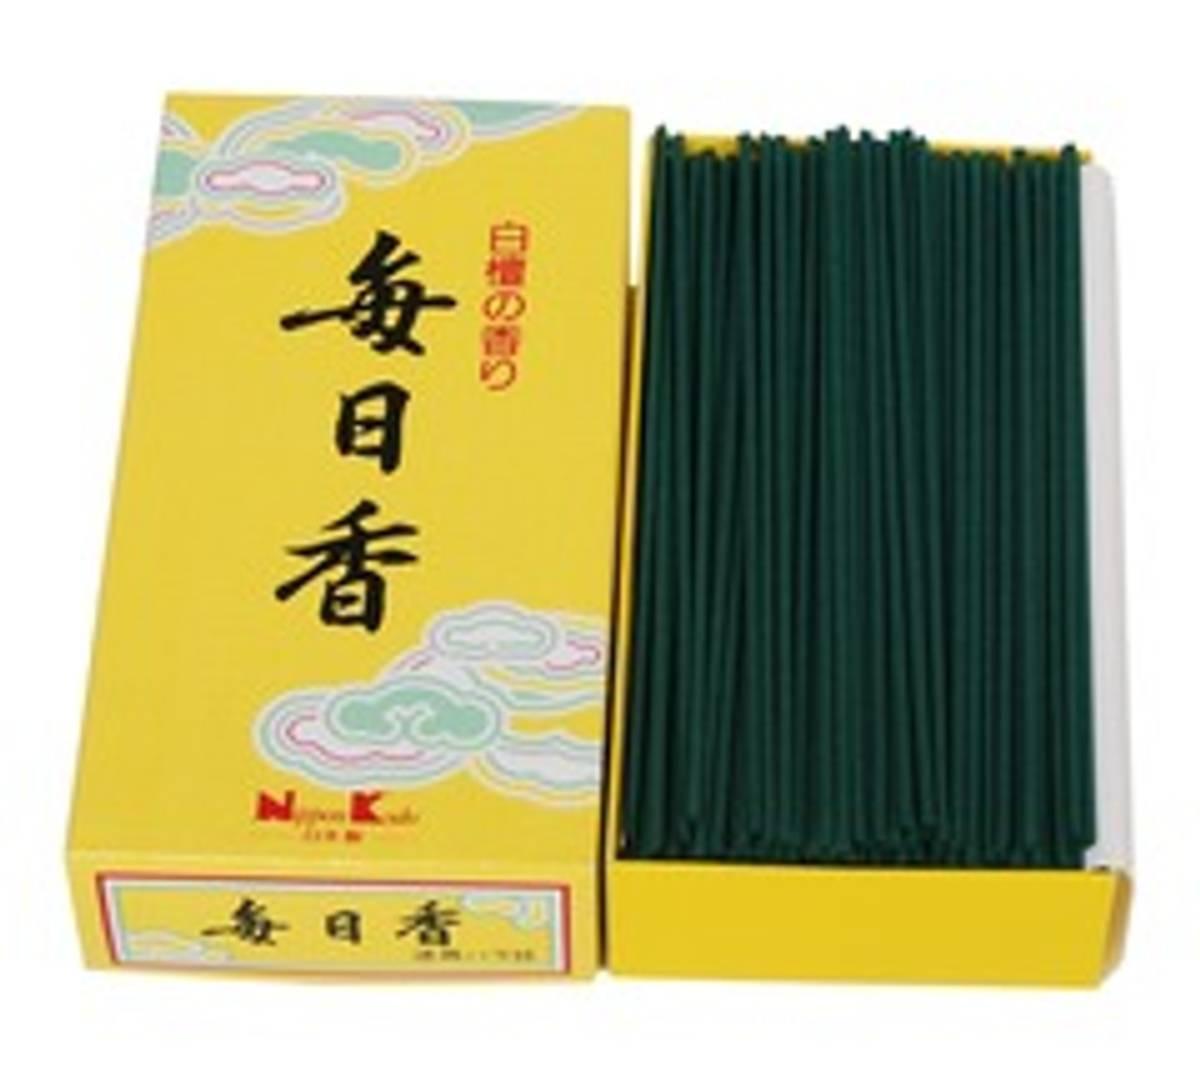 Røkelse Mainichi-Koh 107: Sandalwood 300 pinner